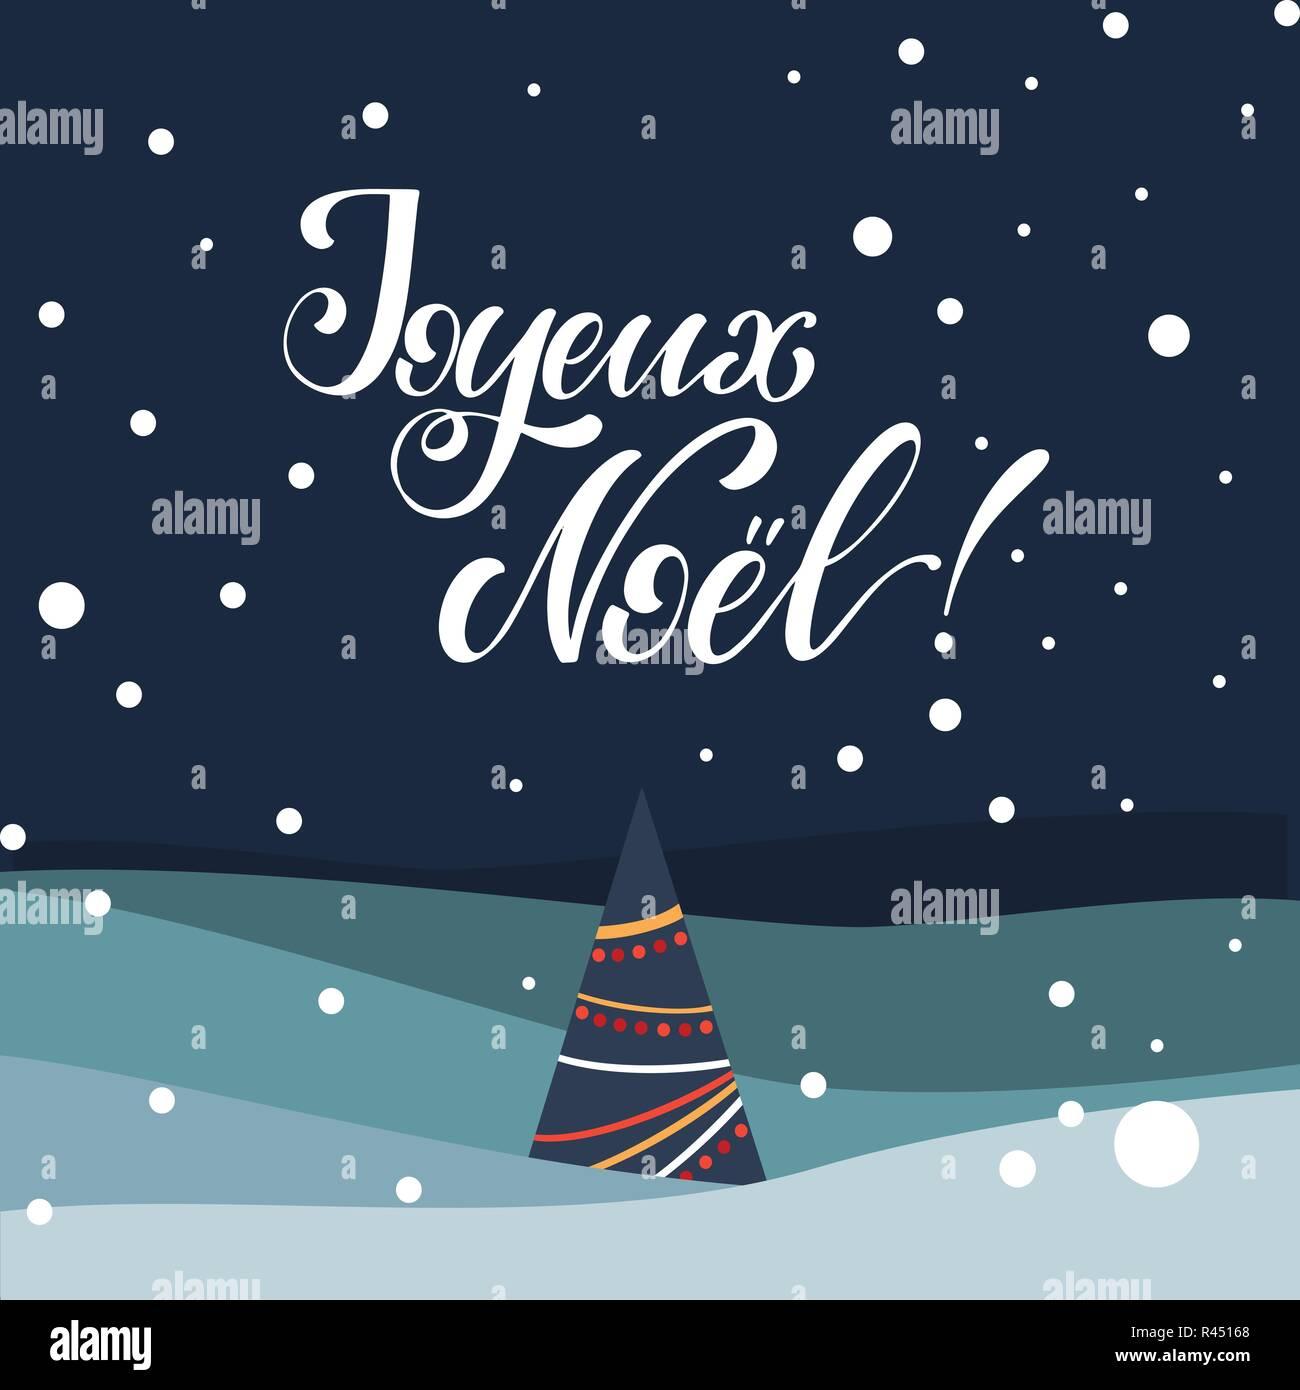 I Migliori Auguri Di Buon Natale.Buon Natale Di Scritte In Lingua Francese Elementi Per Gli Inviti